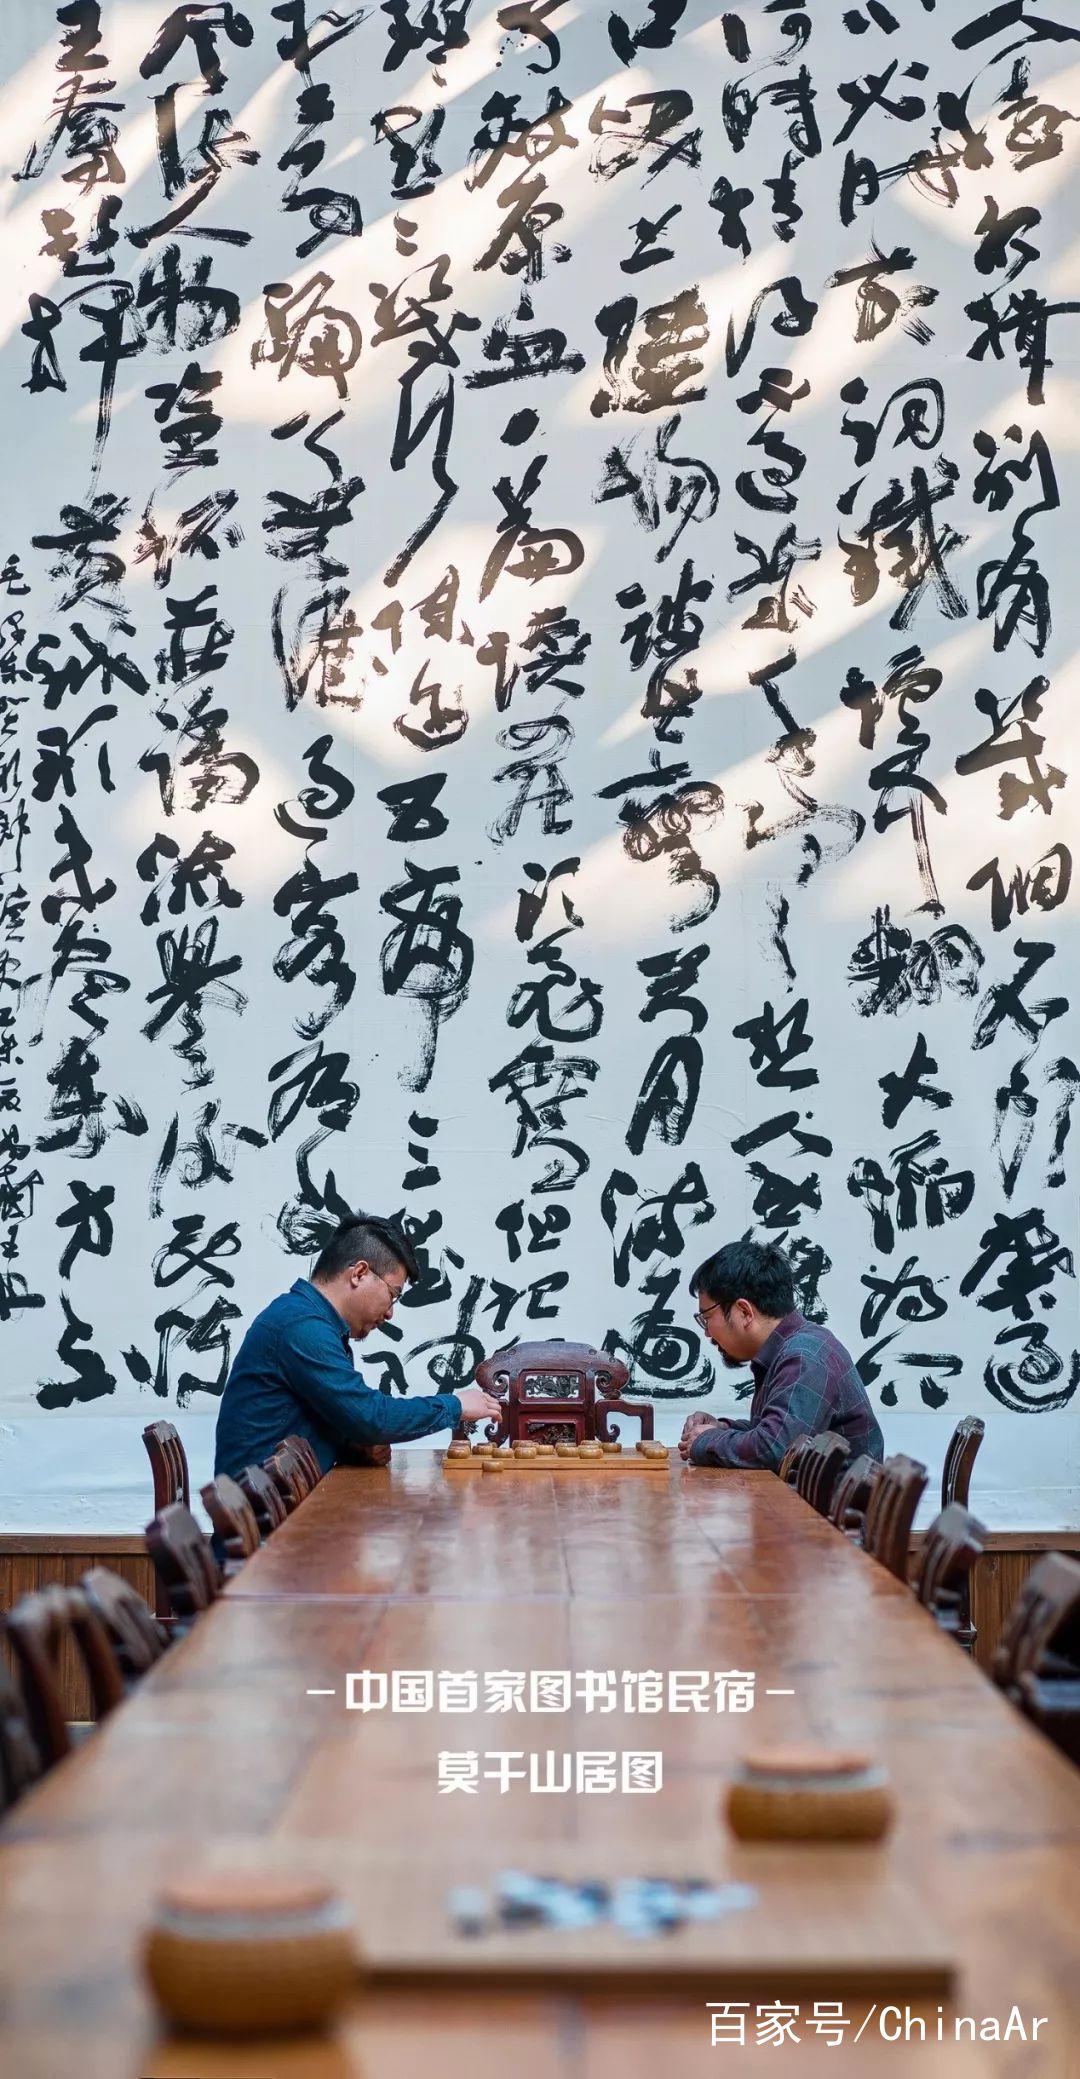 中国首家图书馆民宿是怎样设计的?